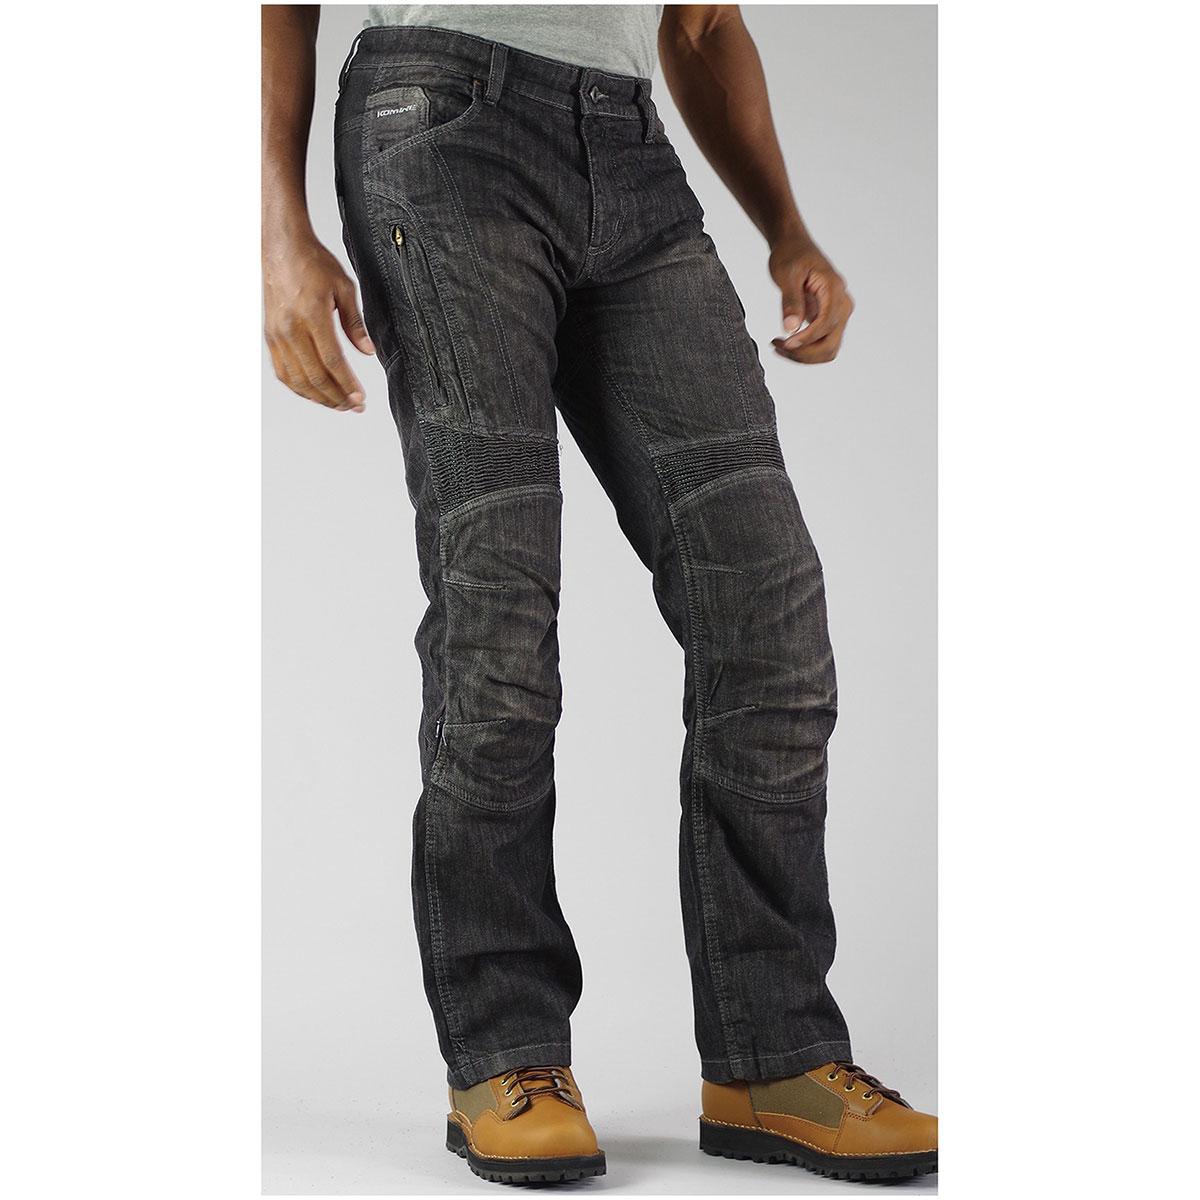 コミネ (Komine) バイク用 パンツ Pants WJ-731S フルイヤー KV ジーンズ ブラック 黒 XLサイズ 07-731/BK/XL/34